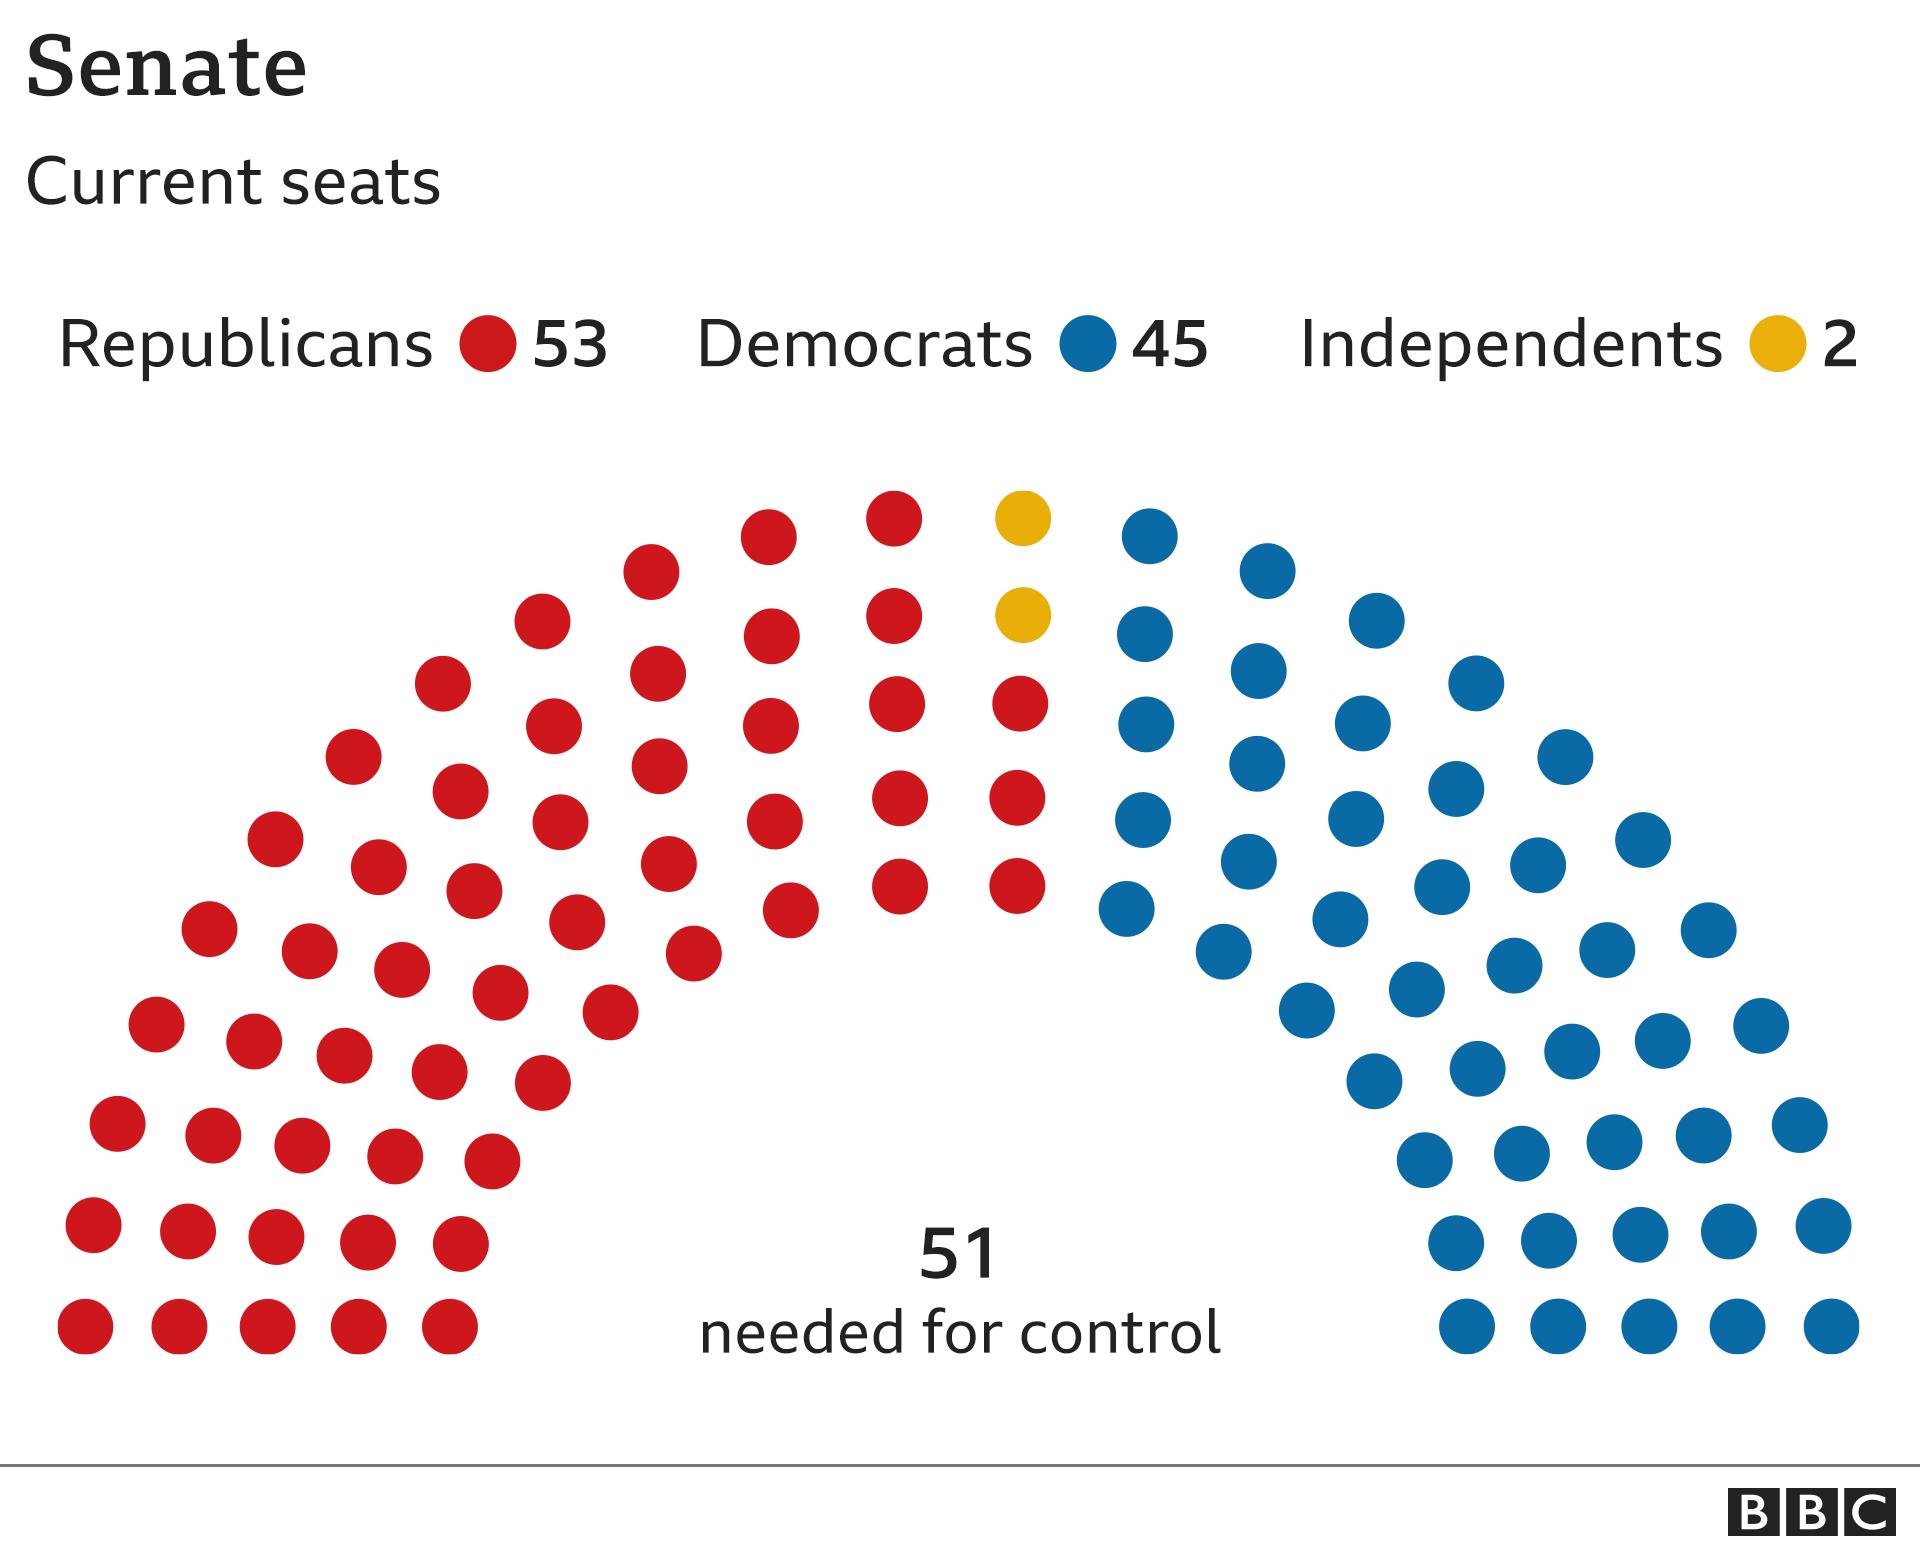 Make up of the US Senate